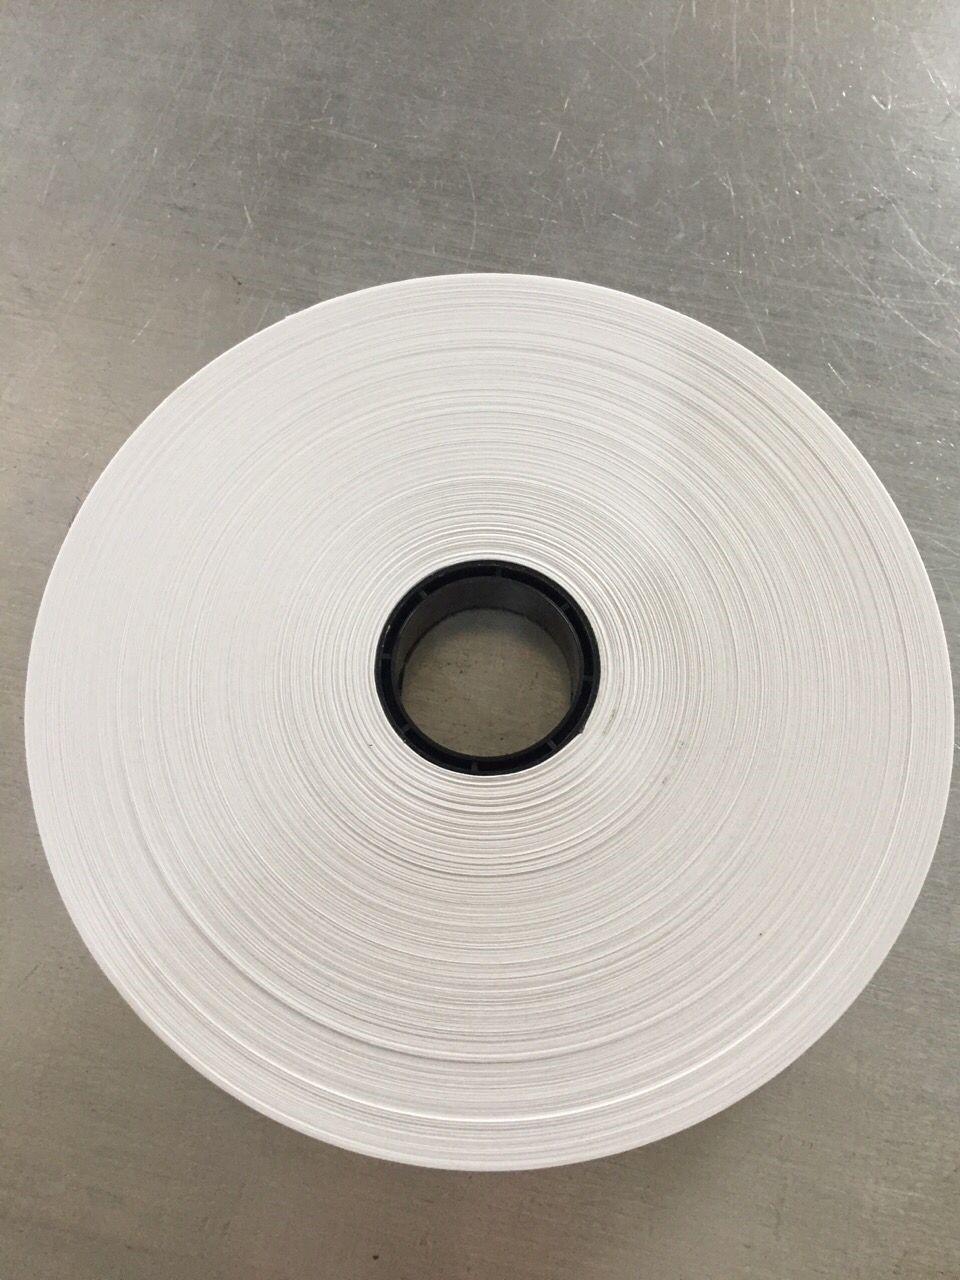 THERMAL TAPE – WHITE KRAFT PAPER